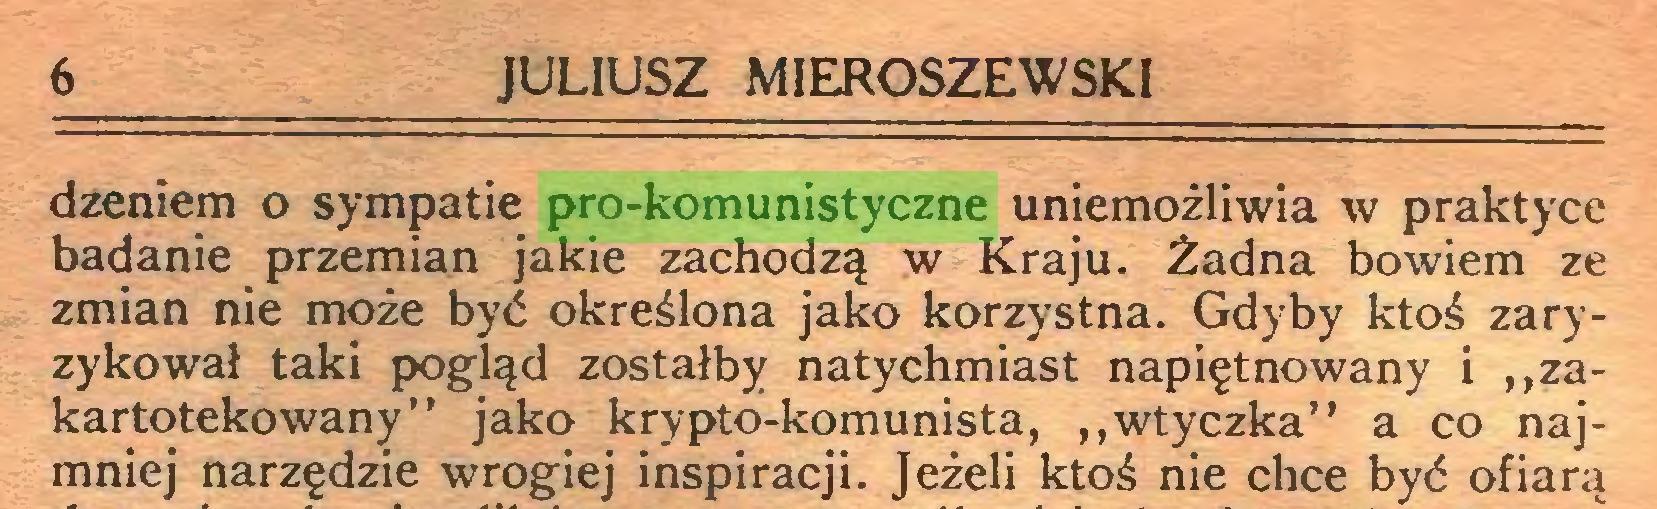 """(...) 6 JULIUSZ MIEROSZEWSKI dzeniem o sympatie pro-komunistyczne uniemożliwia w praktyce badanie przemian jakie zachodzą w Kraju. Żadna bowiem ze zmian nie może być określona jako korzystna. Gdyby ktoś zaryzykował taki pogląd zostałby natychmiast napiętnowany i """"zakartotekowany"""" jako krypto-komunista, """"wtyczka"""" a co najmniej narzędzie wrogiej inspiracji. Jeżeli ktoś nie chce być ofiara..."""